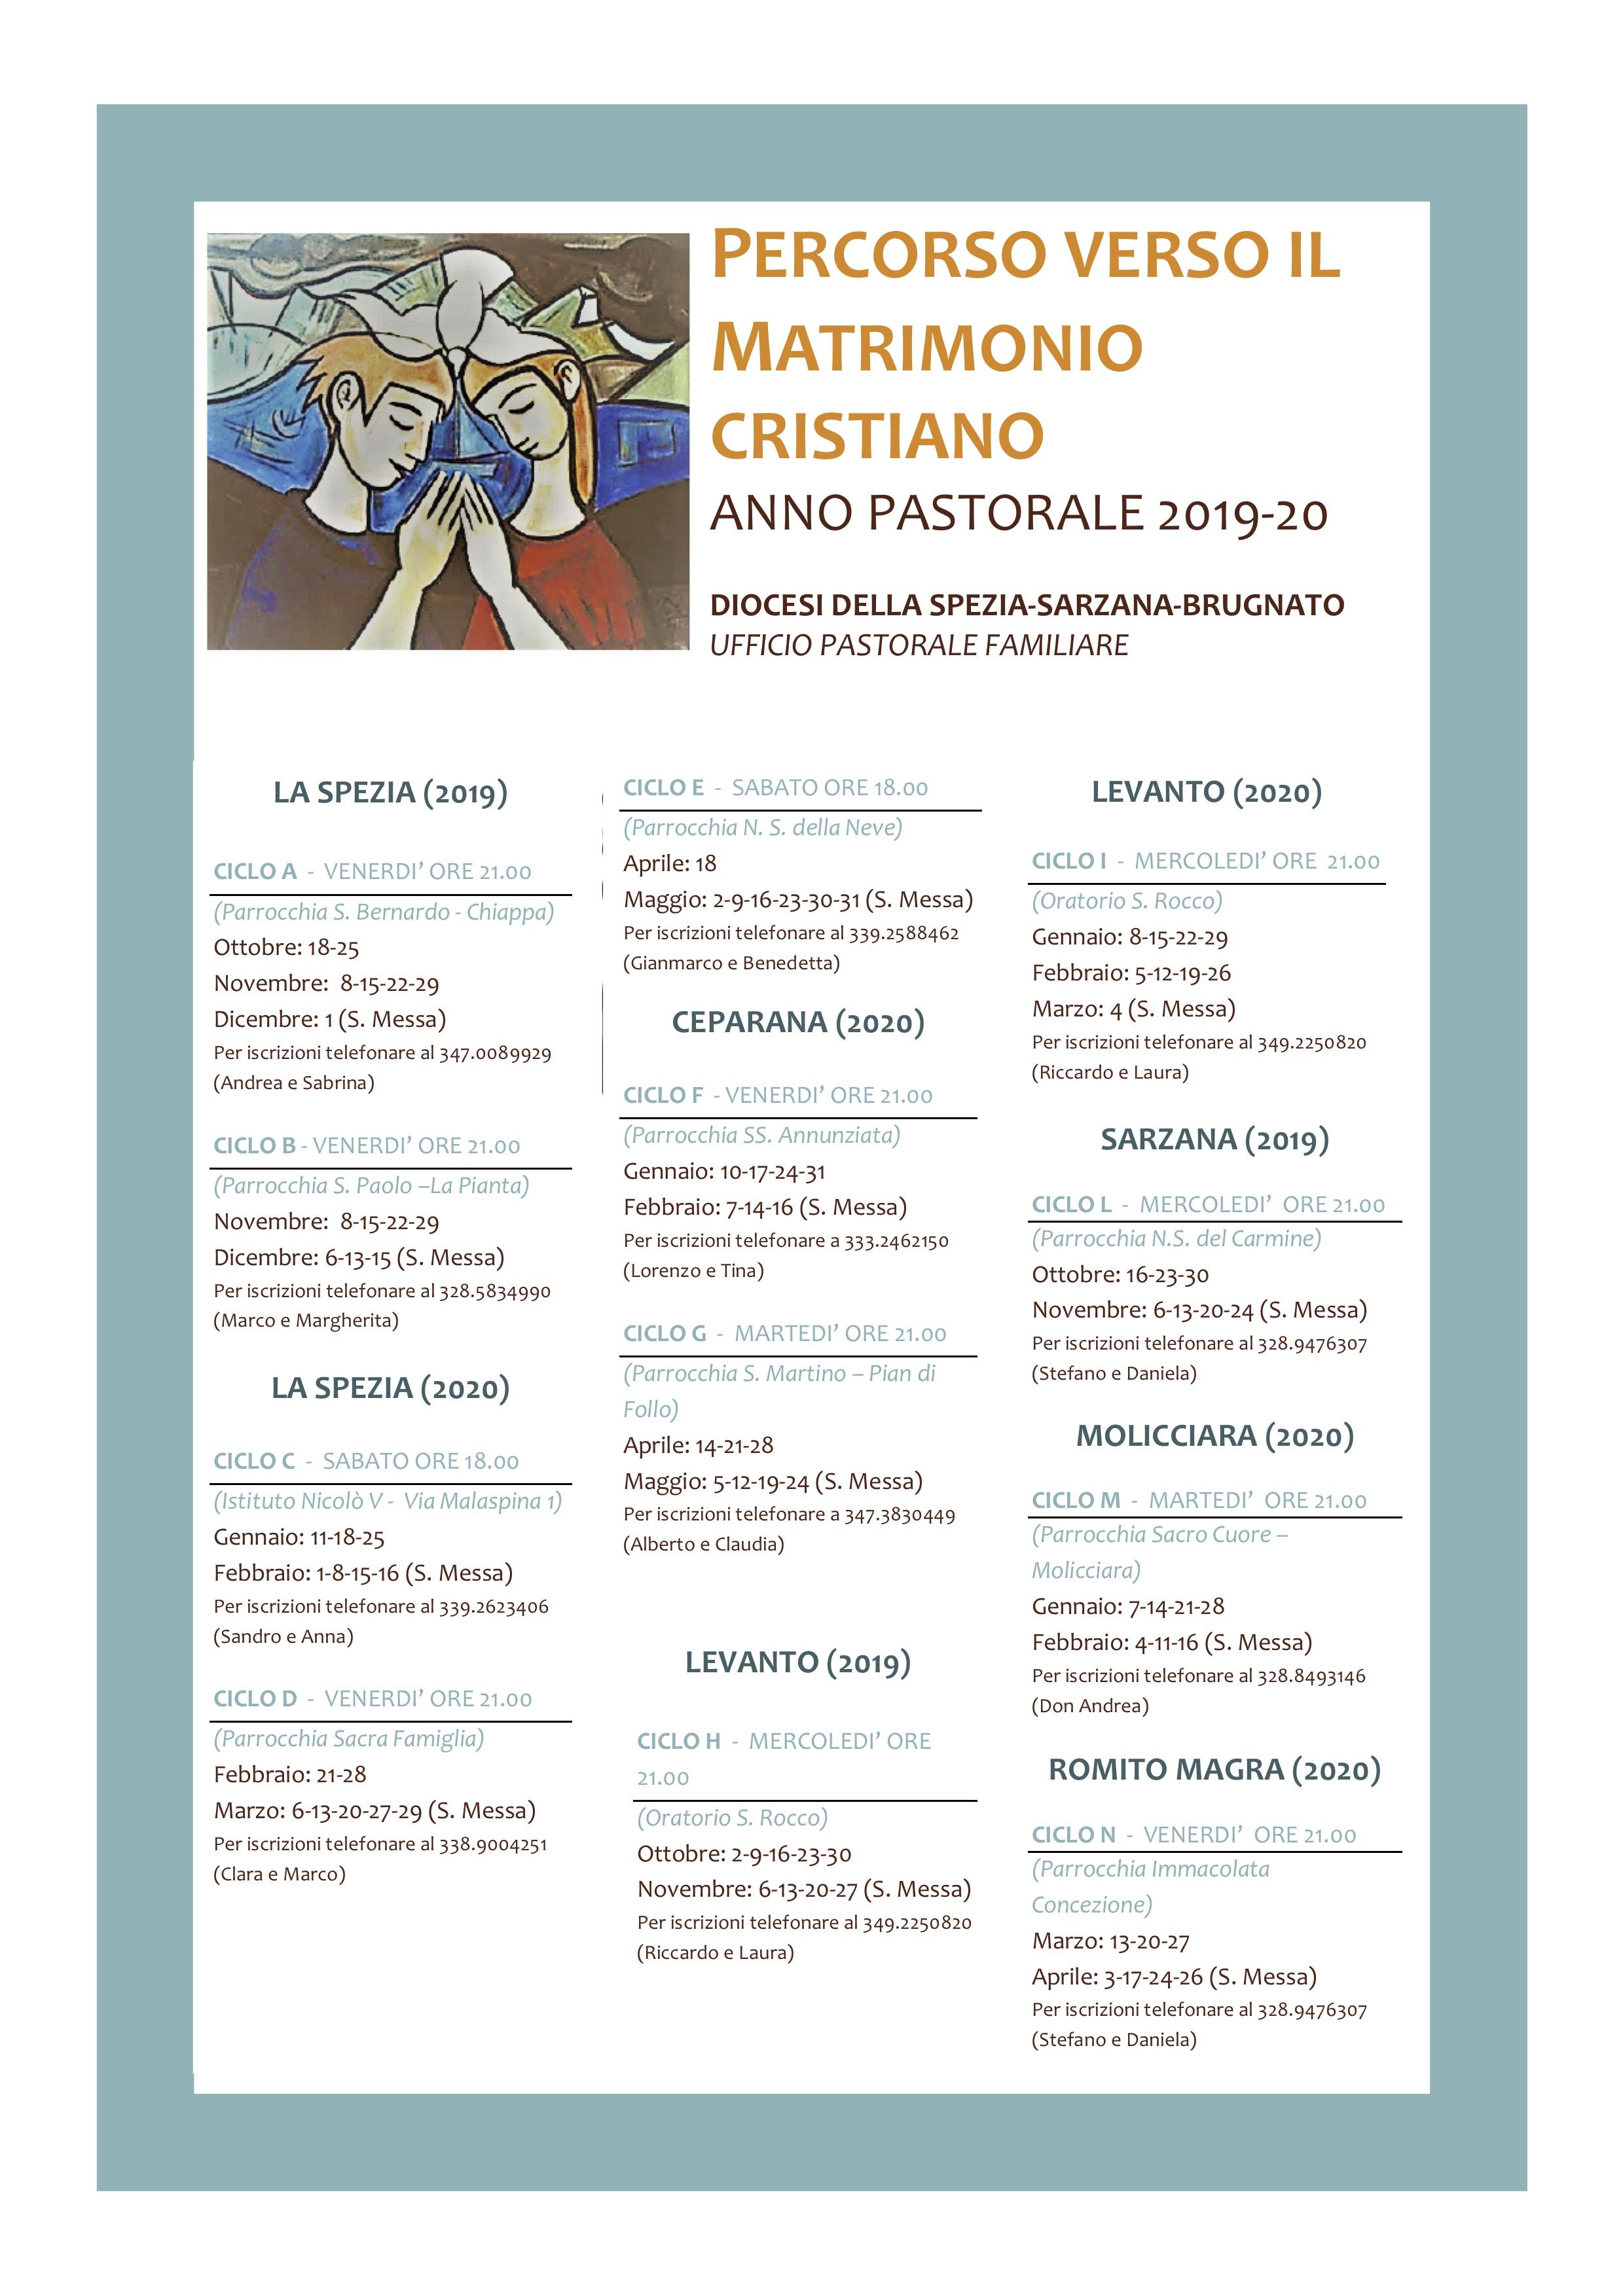 Calendario Santi Ottobre 2020.Santi E Beati Diocesani Diocesi Della Spezia Sarzana E